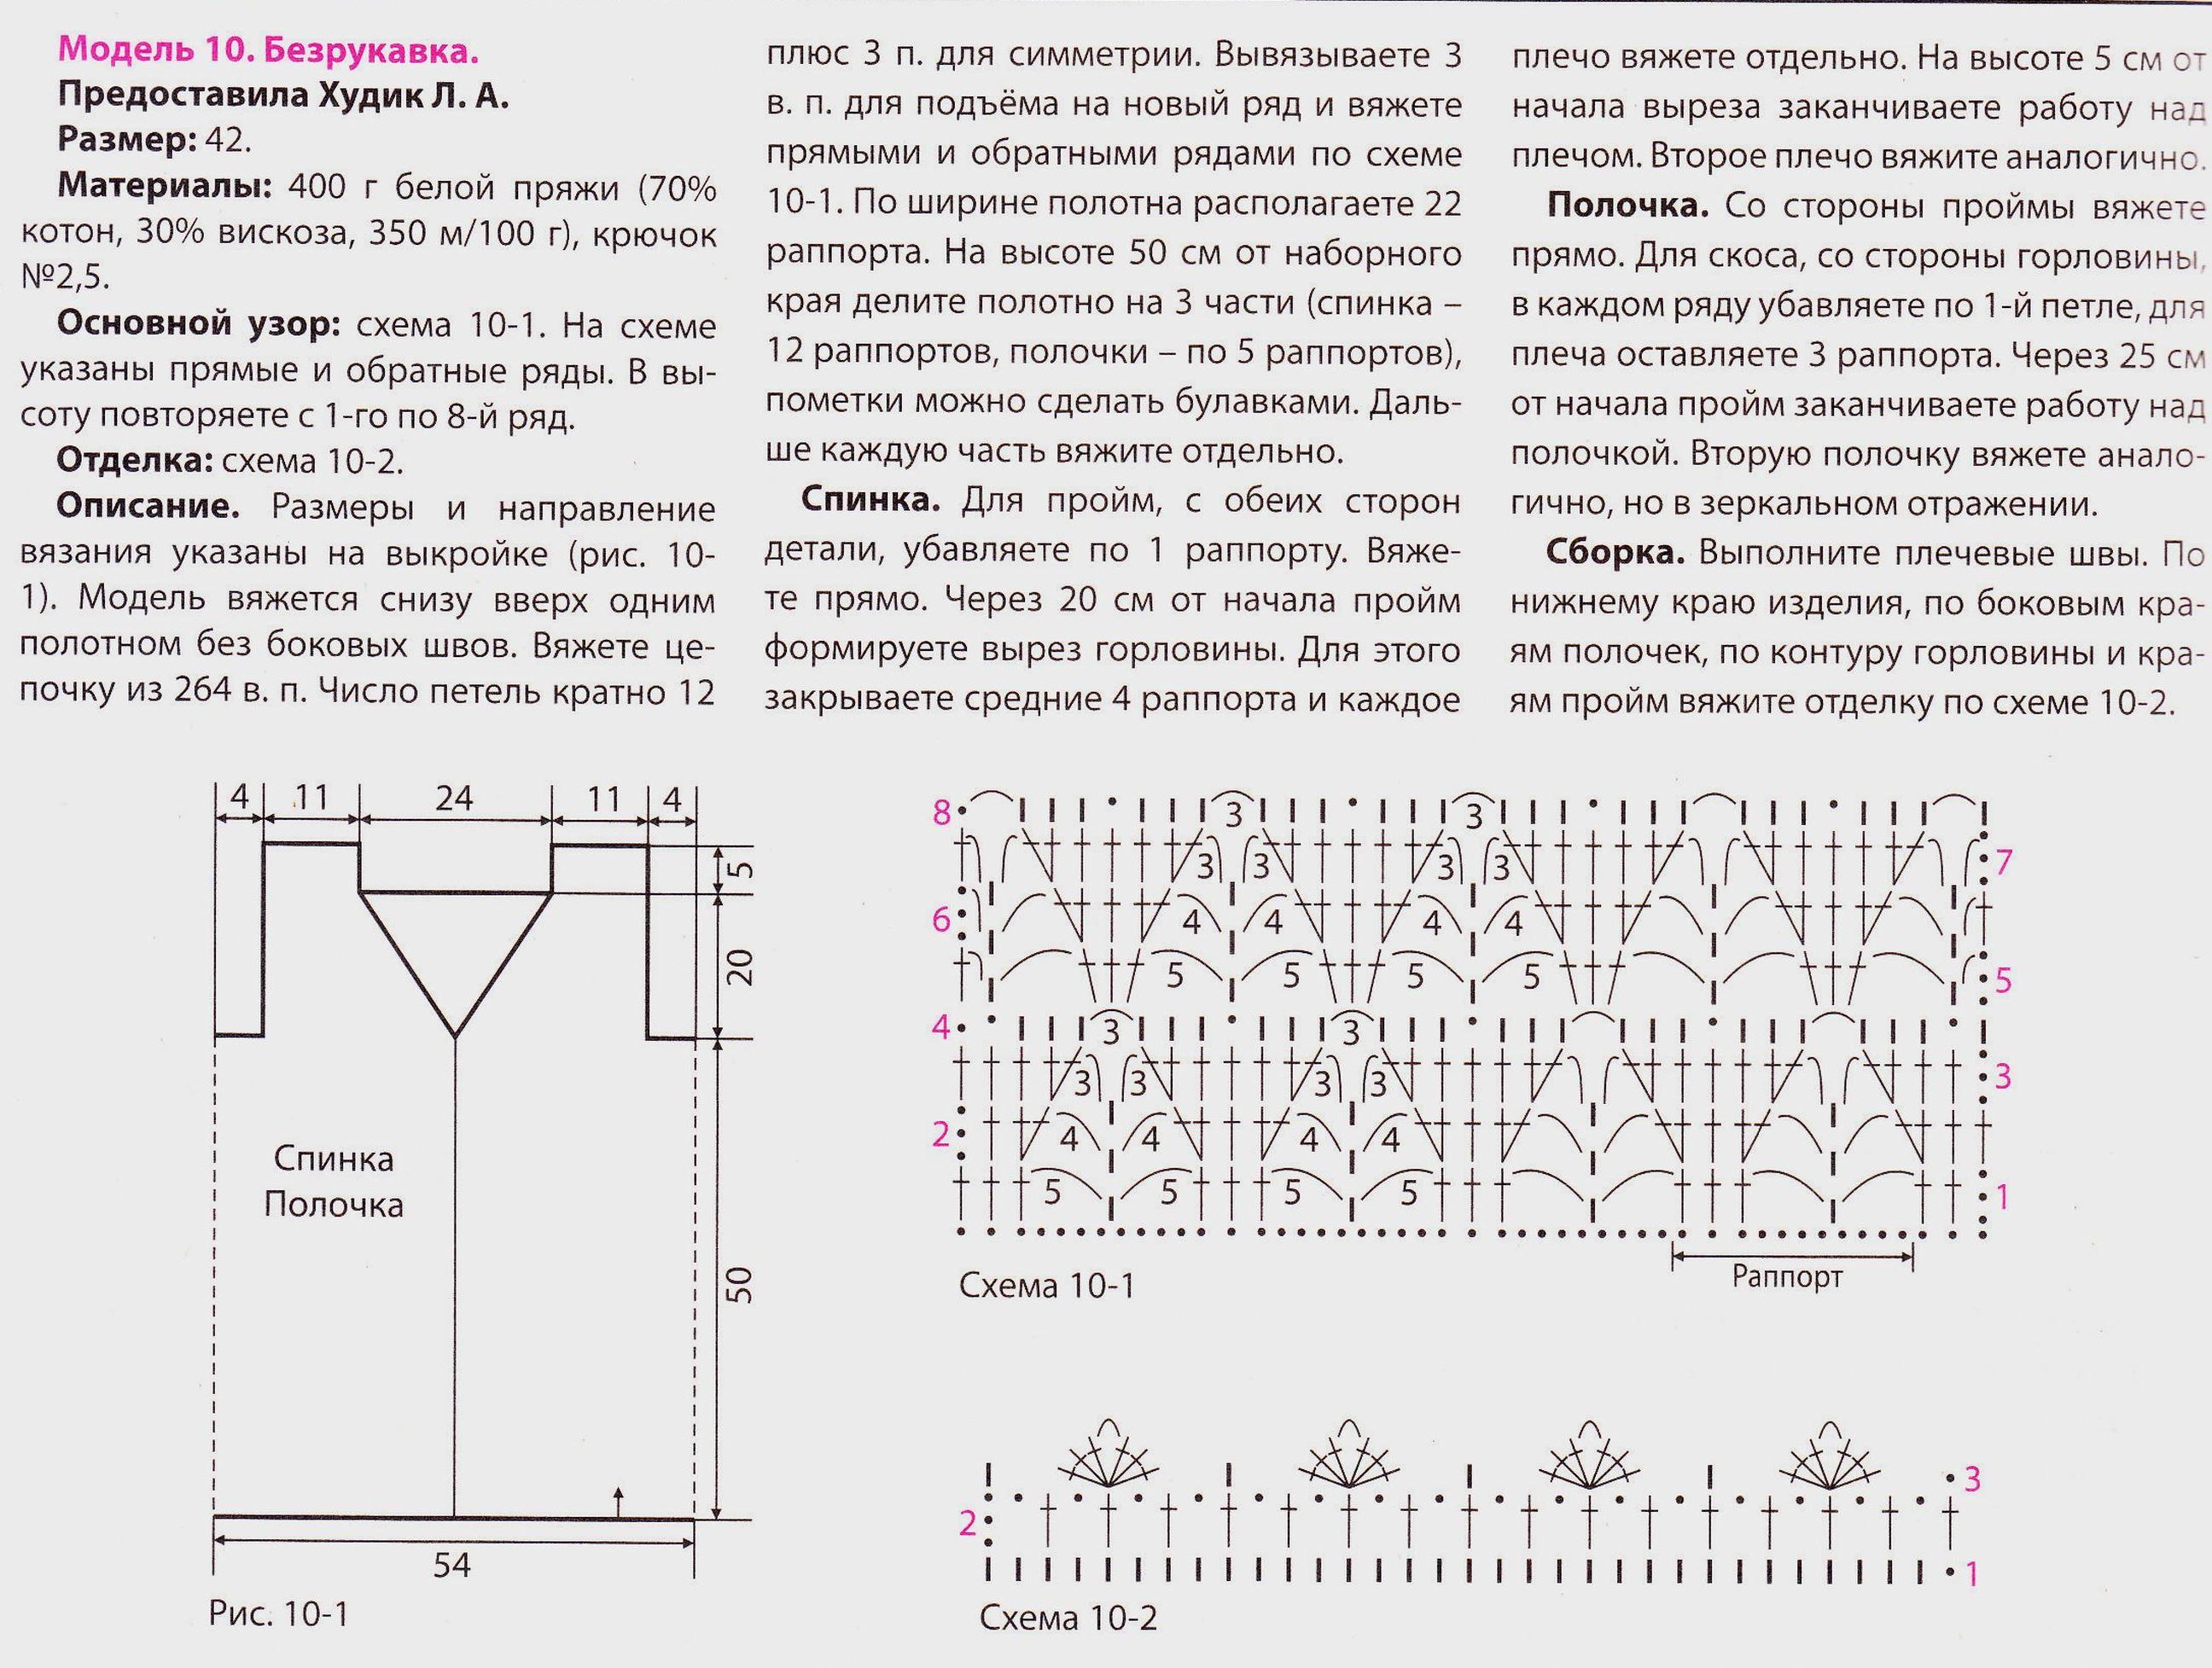 0221_ВяжемКрюч111 (29)